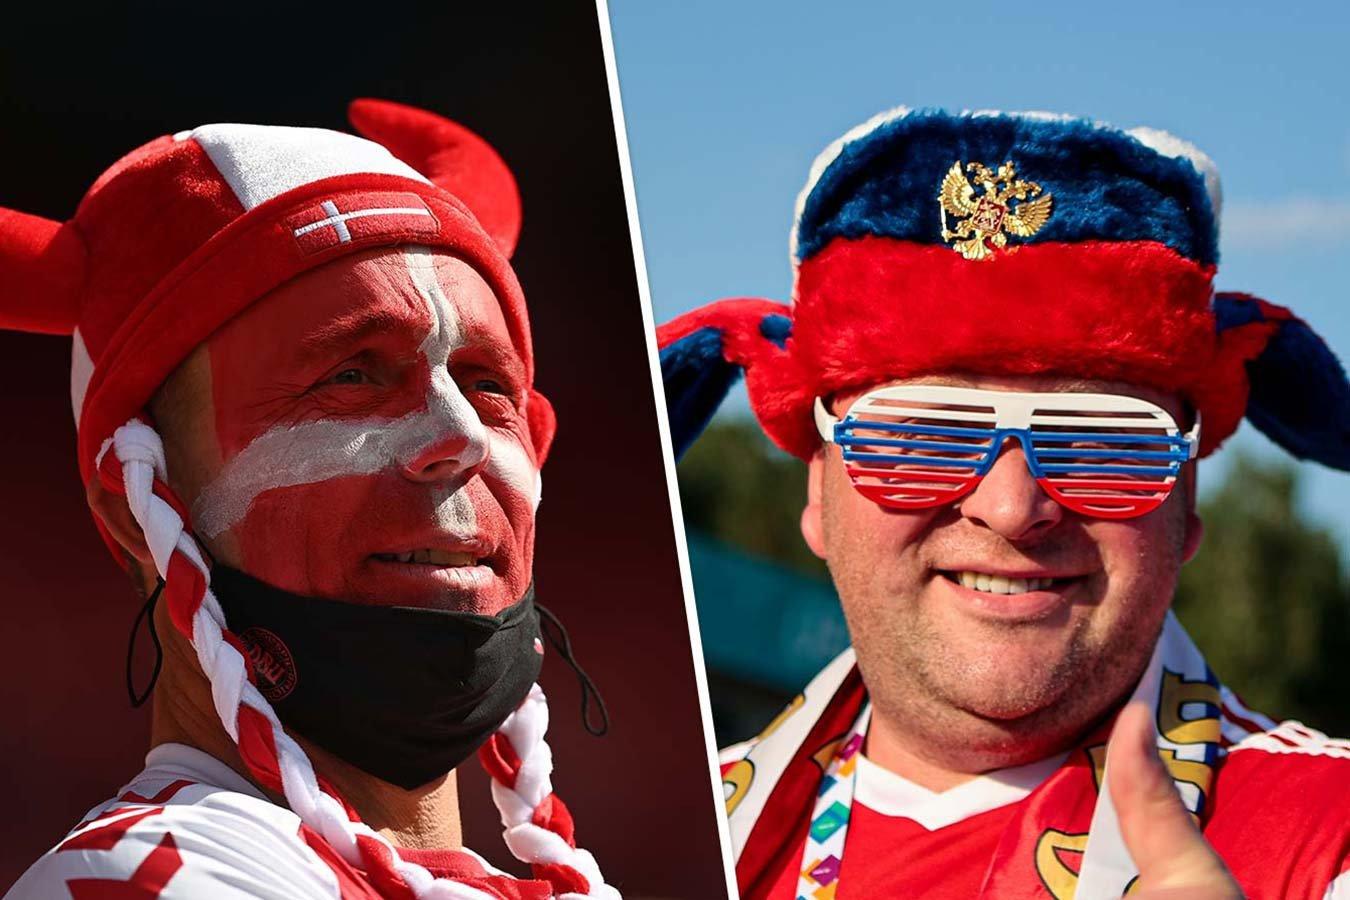 Россия — Дания: прямой эфир матча чемпионата Европы на Первом канале начнётся в 22:00